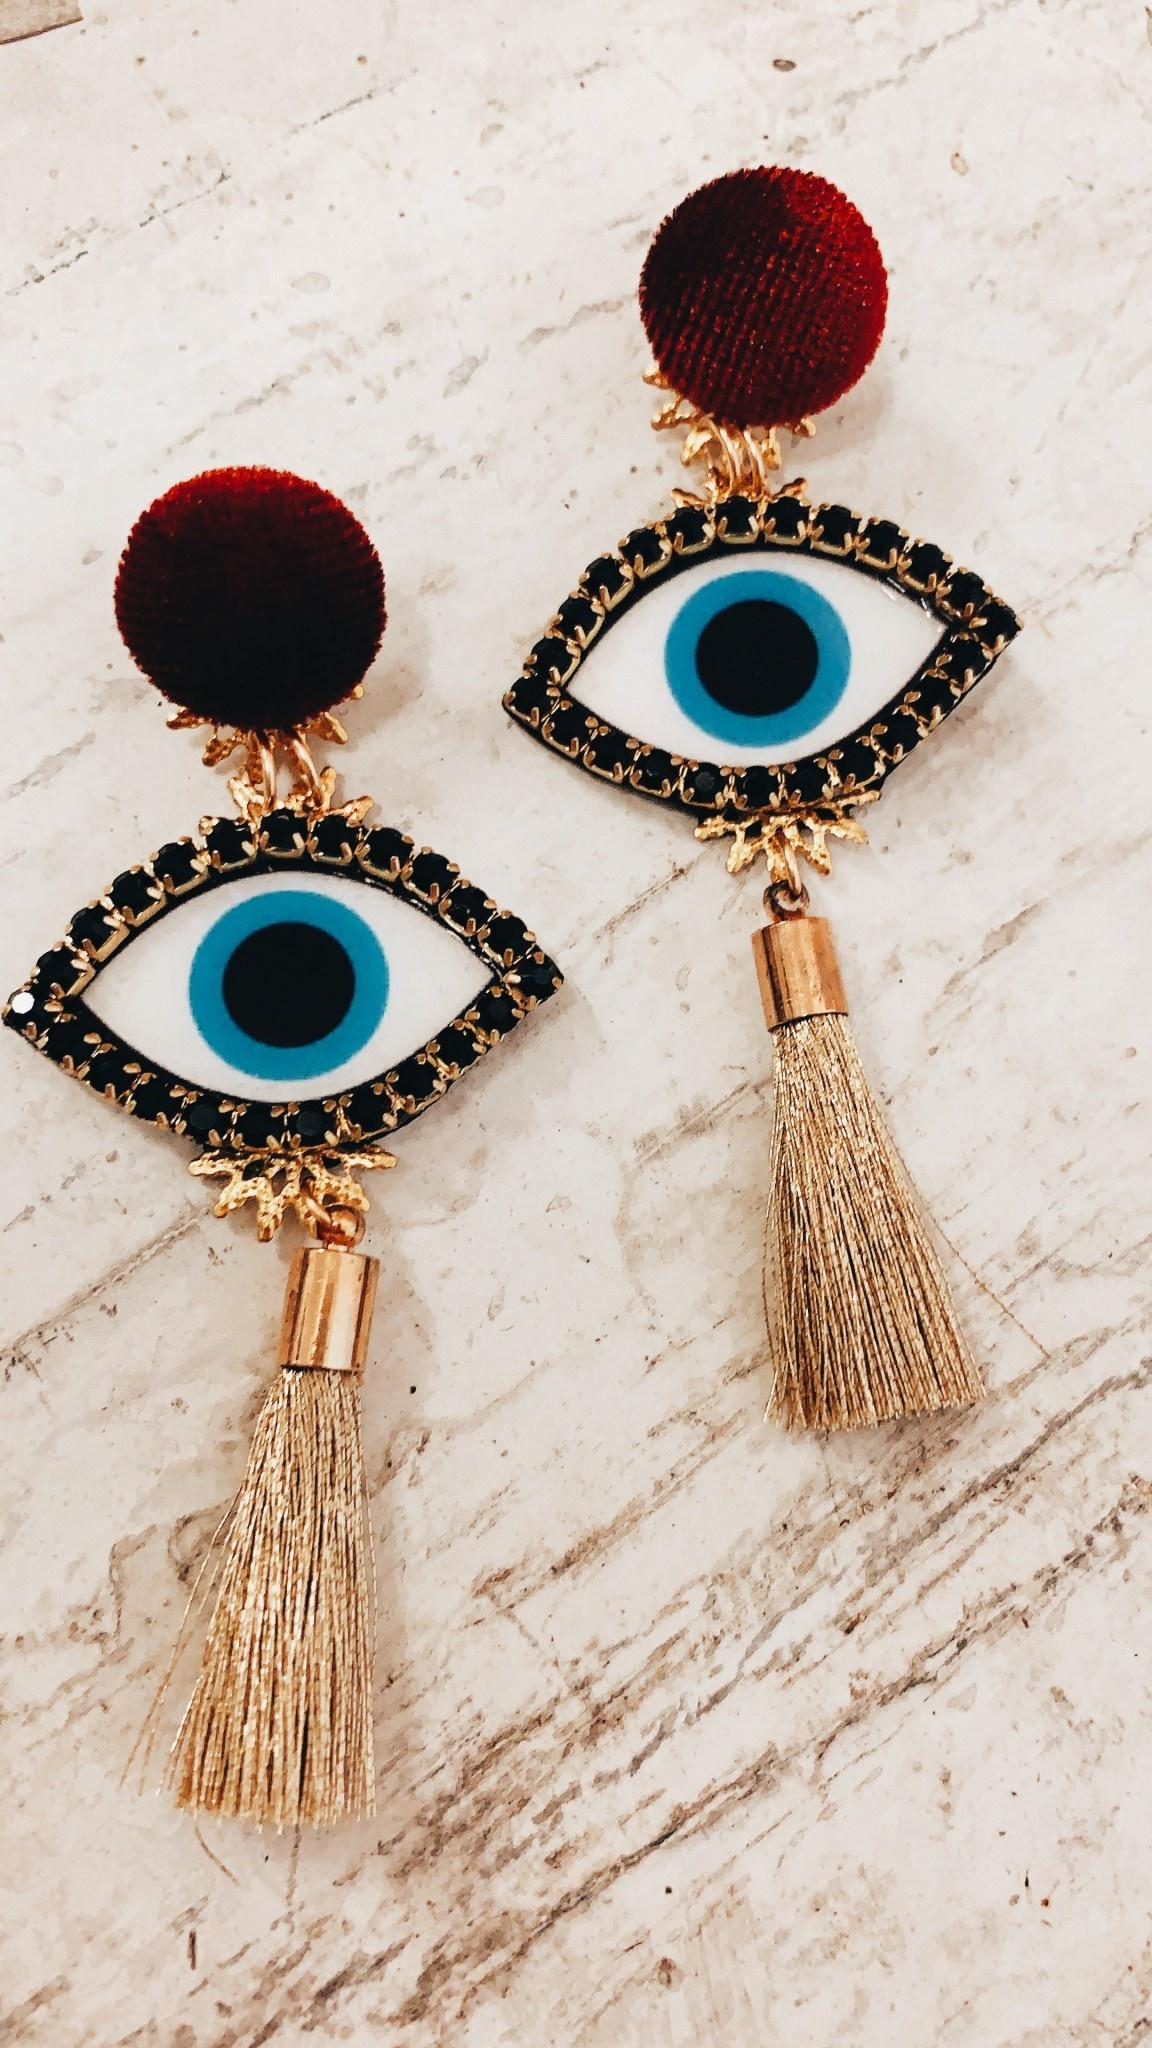 Shine Design & Shop Classic Eye Earrings